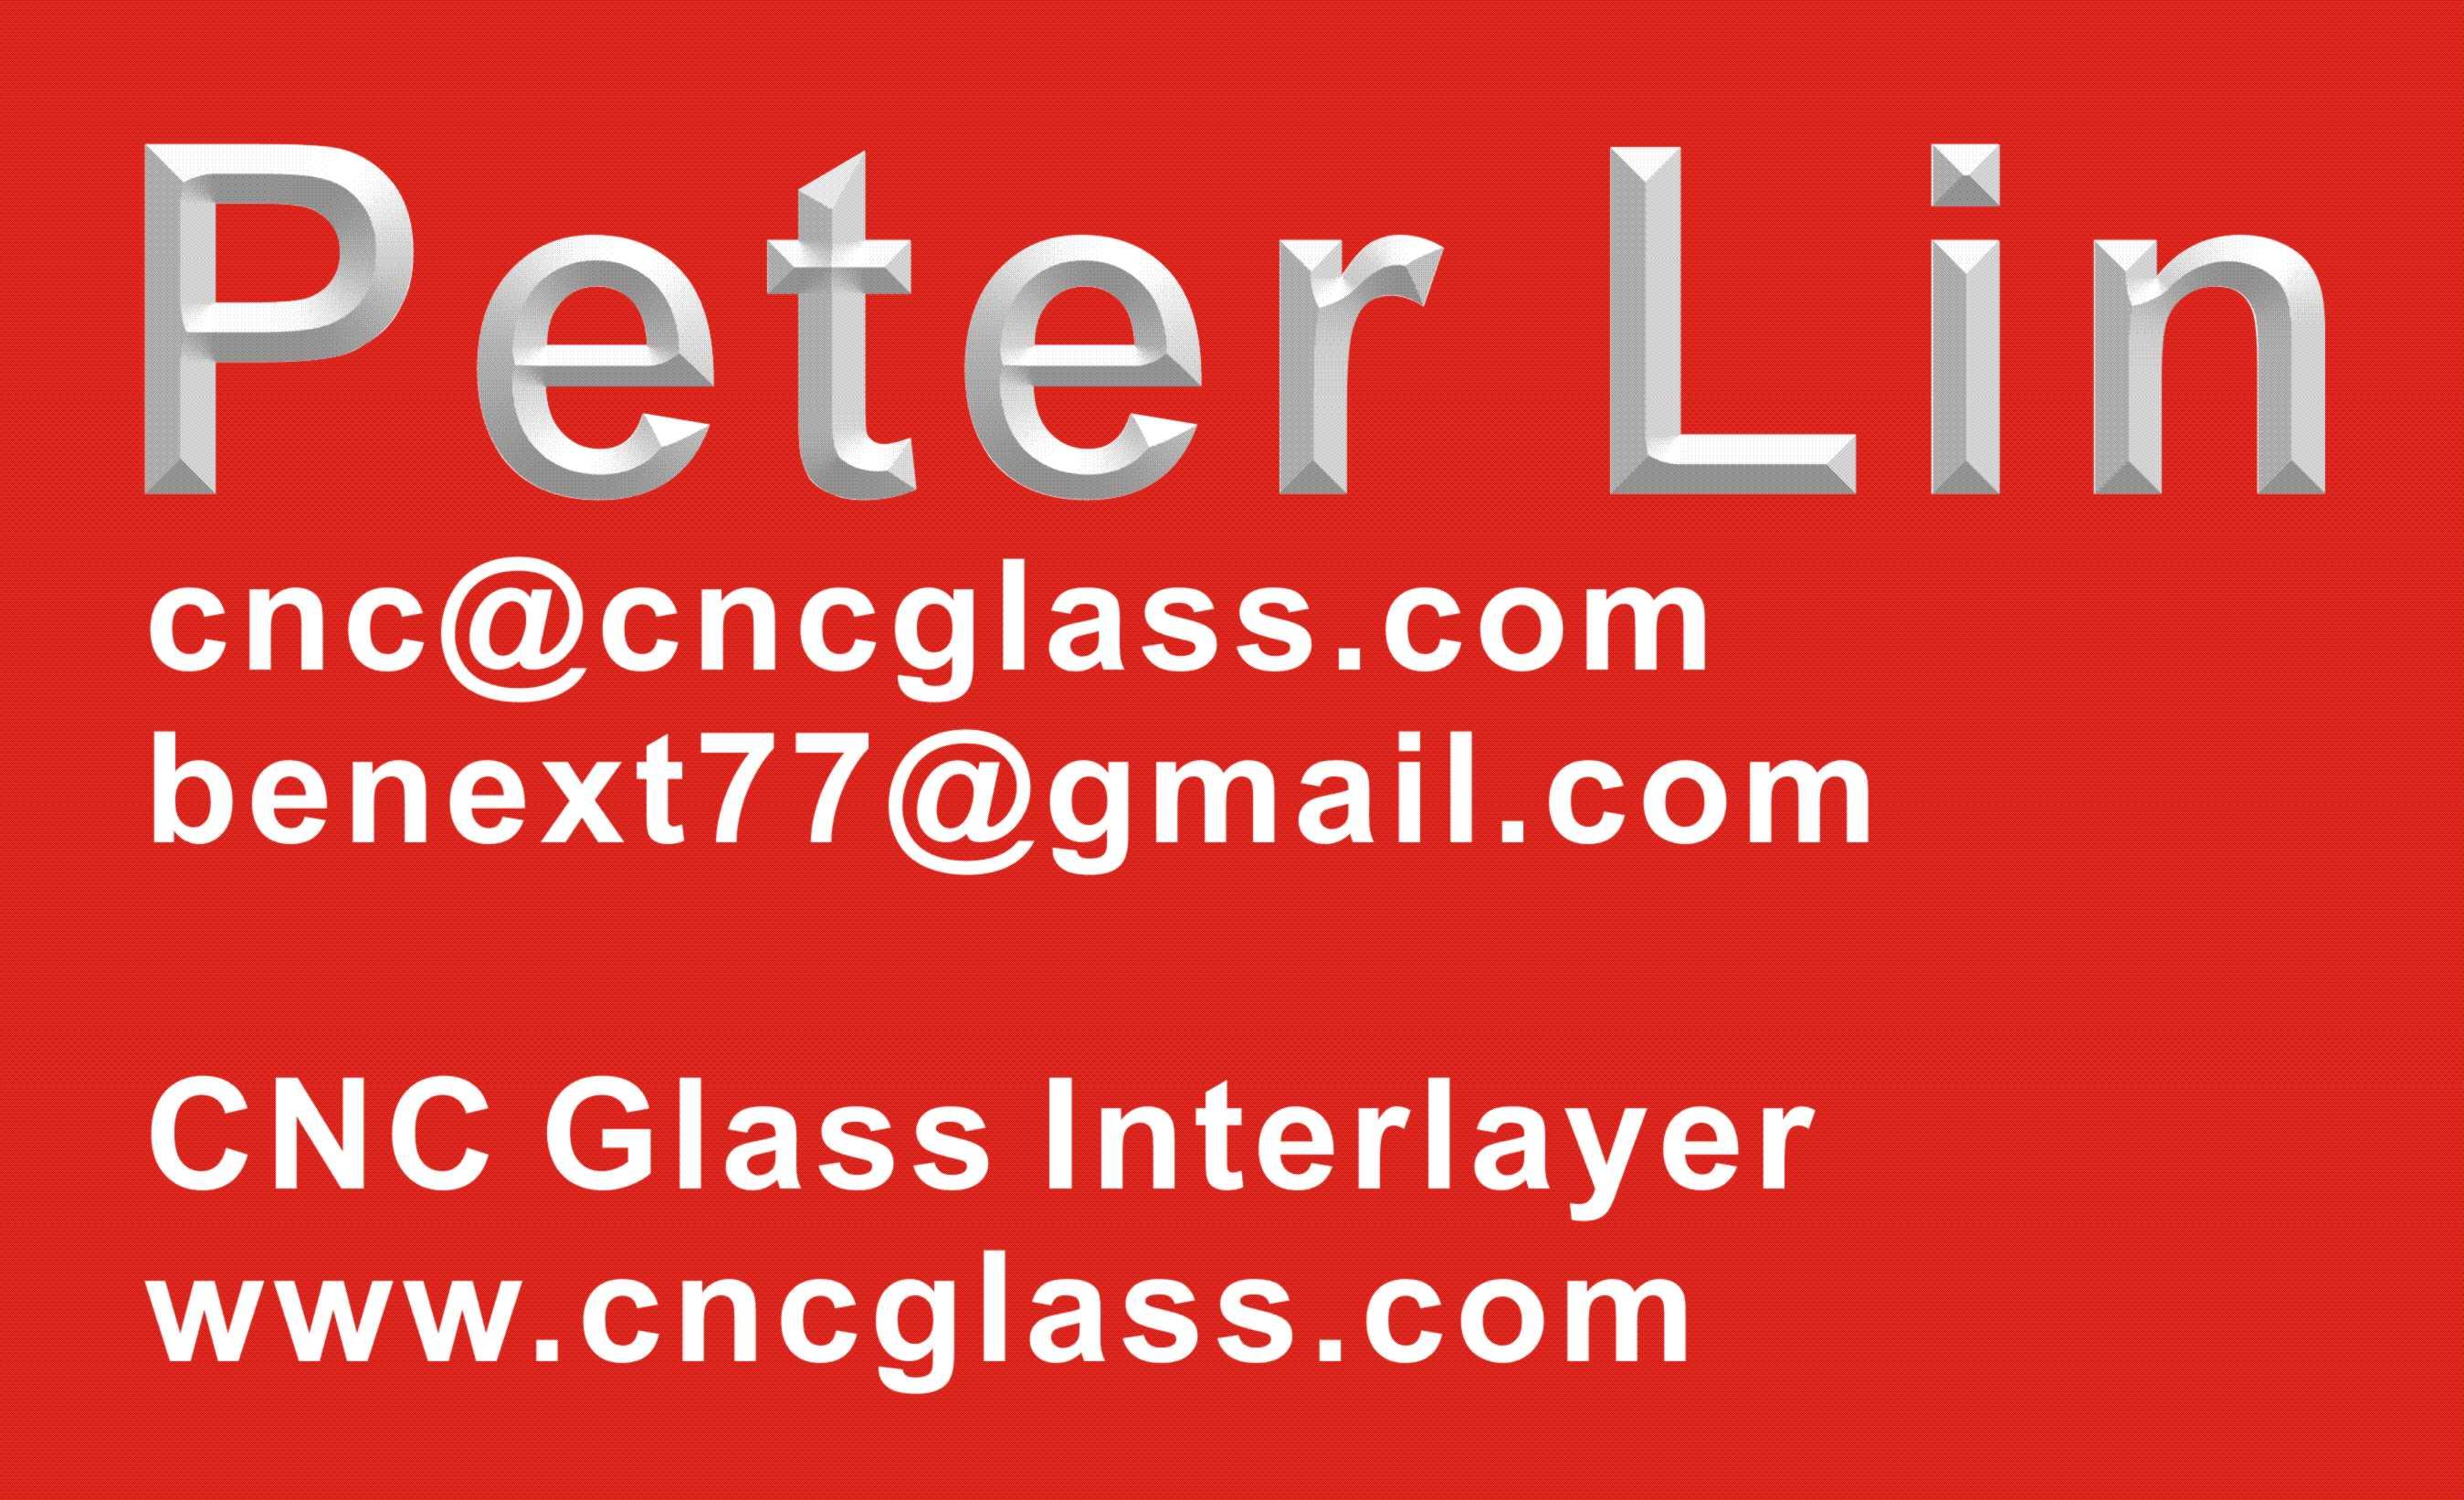 Peter Lin CNC Glass Interlayer Tech